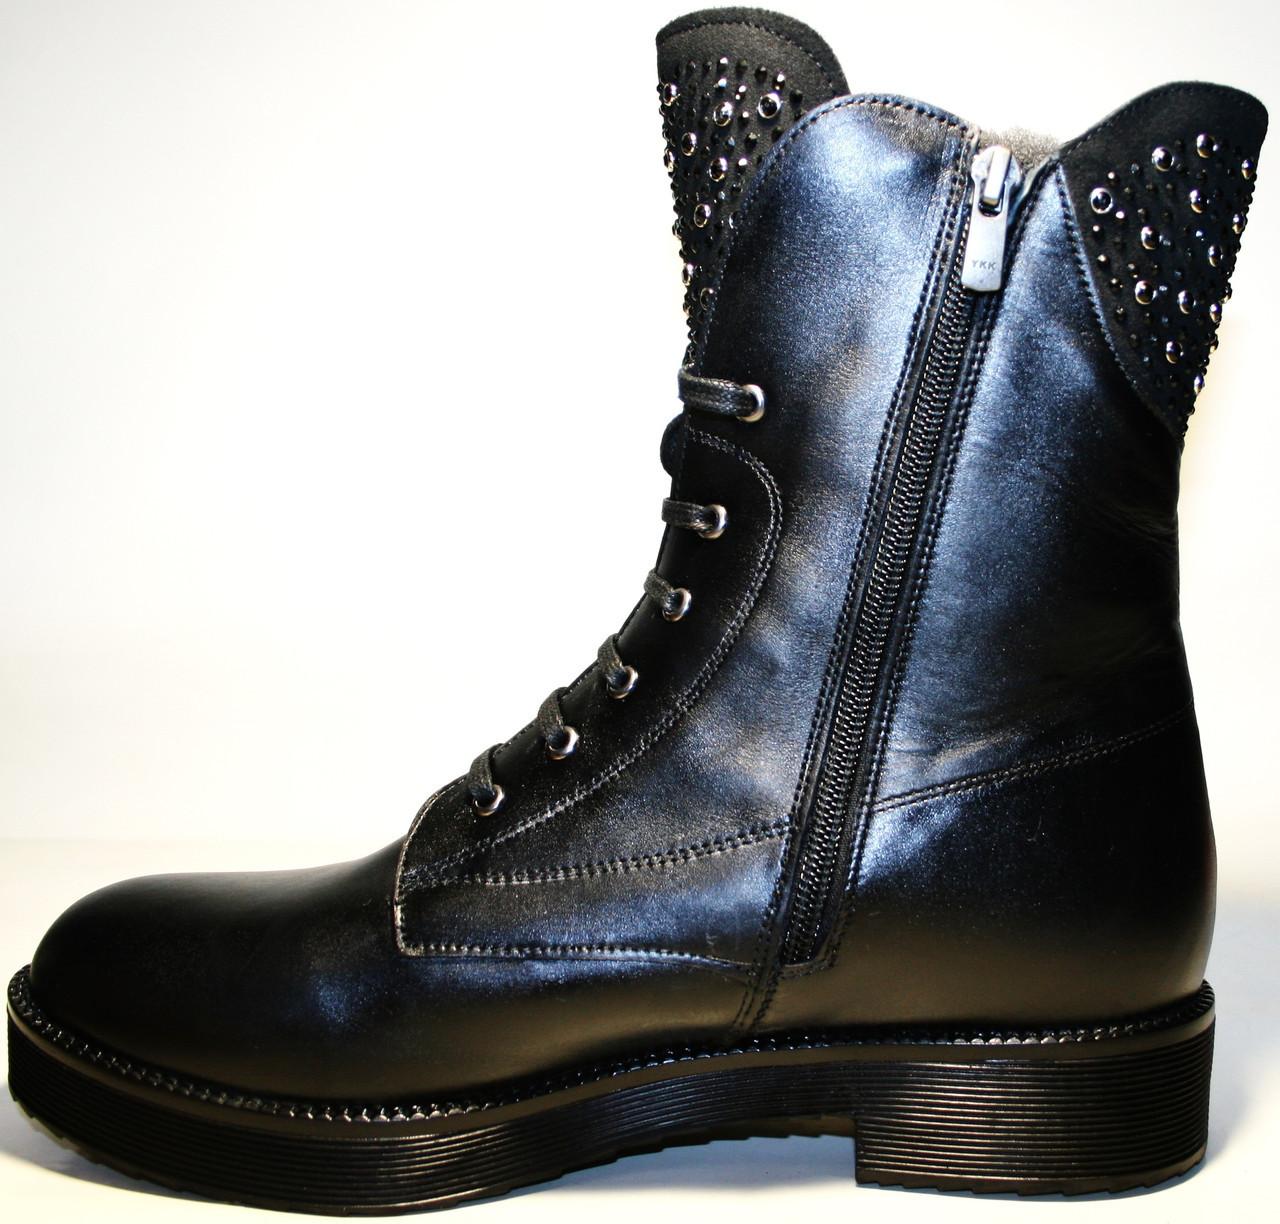 2b59c662ecf1 Купить ботинки женские кожаные зимние с мехом, на низком каблуке ...